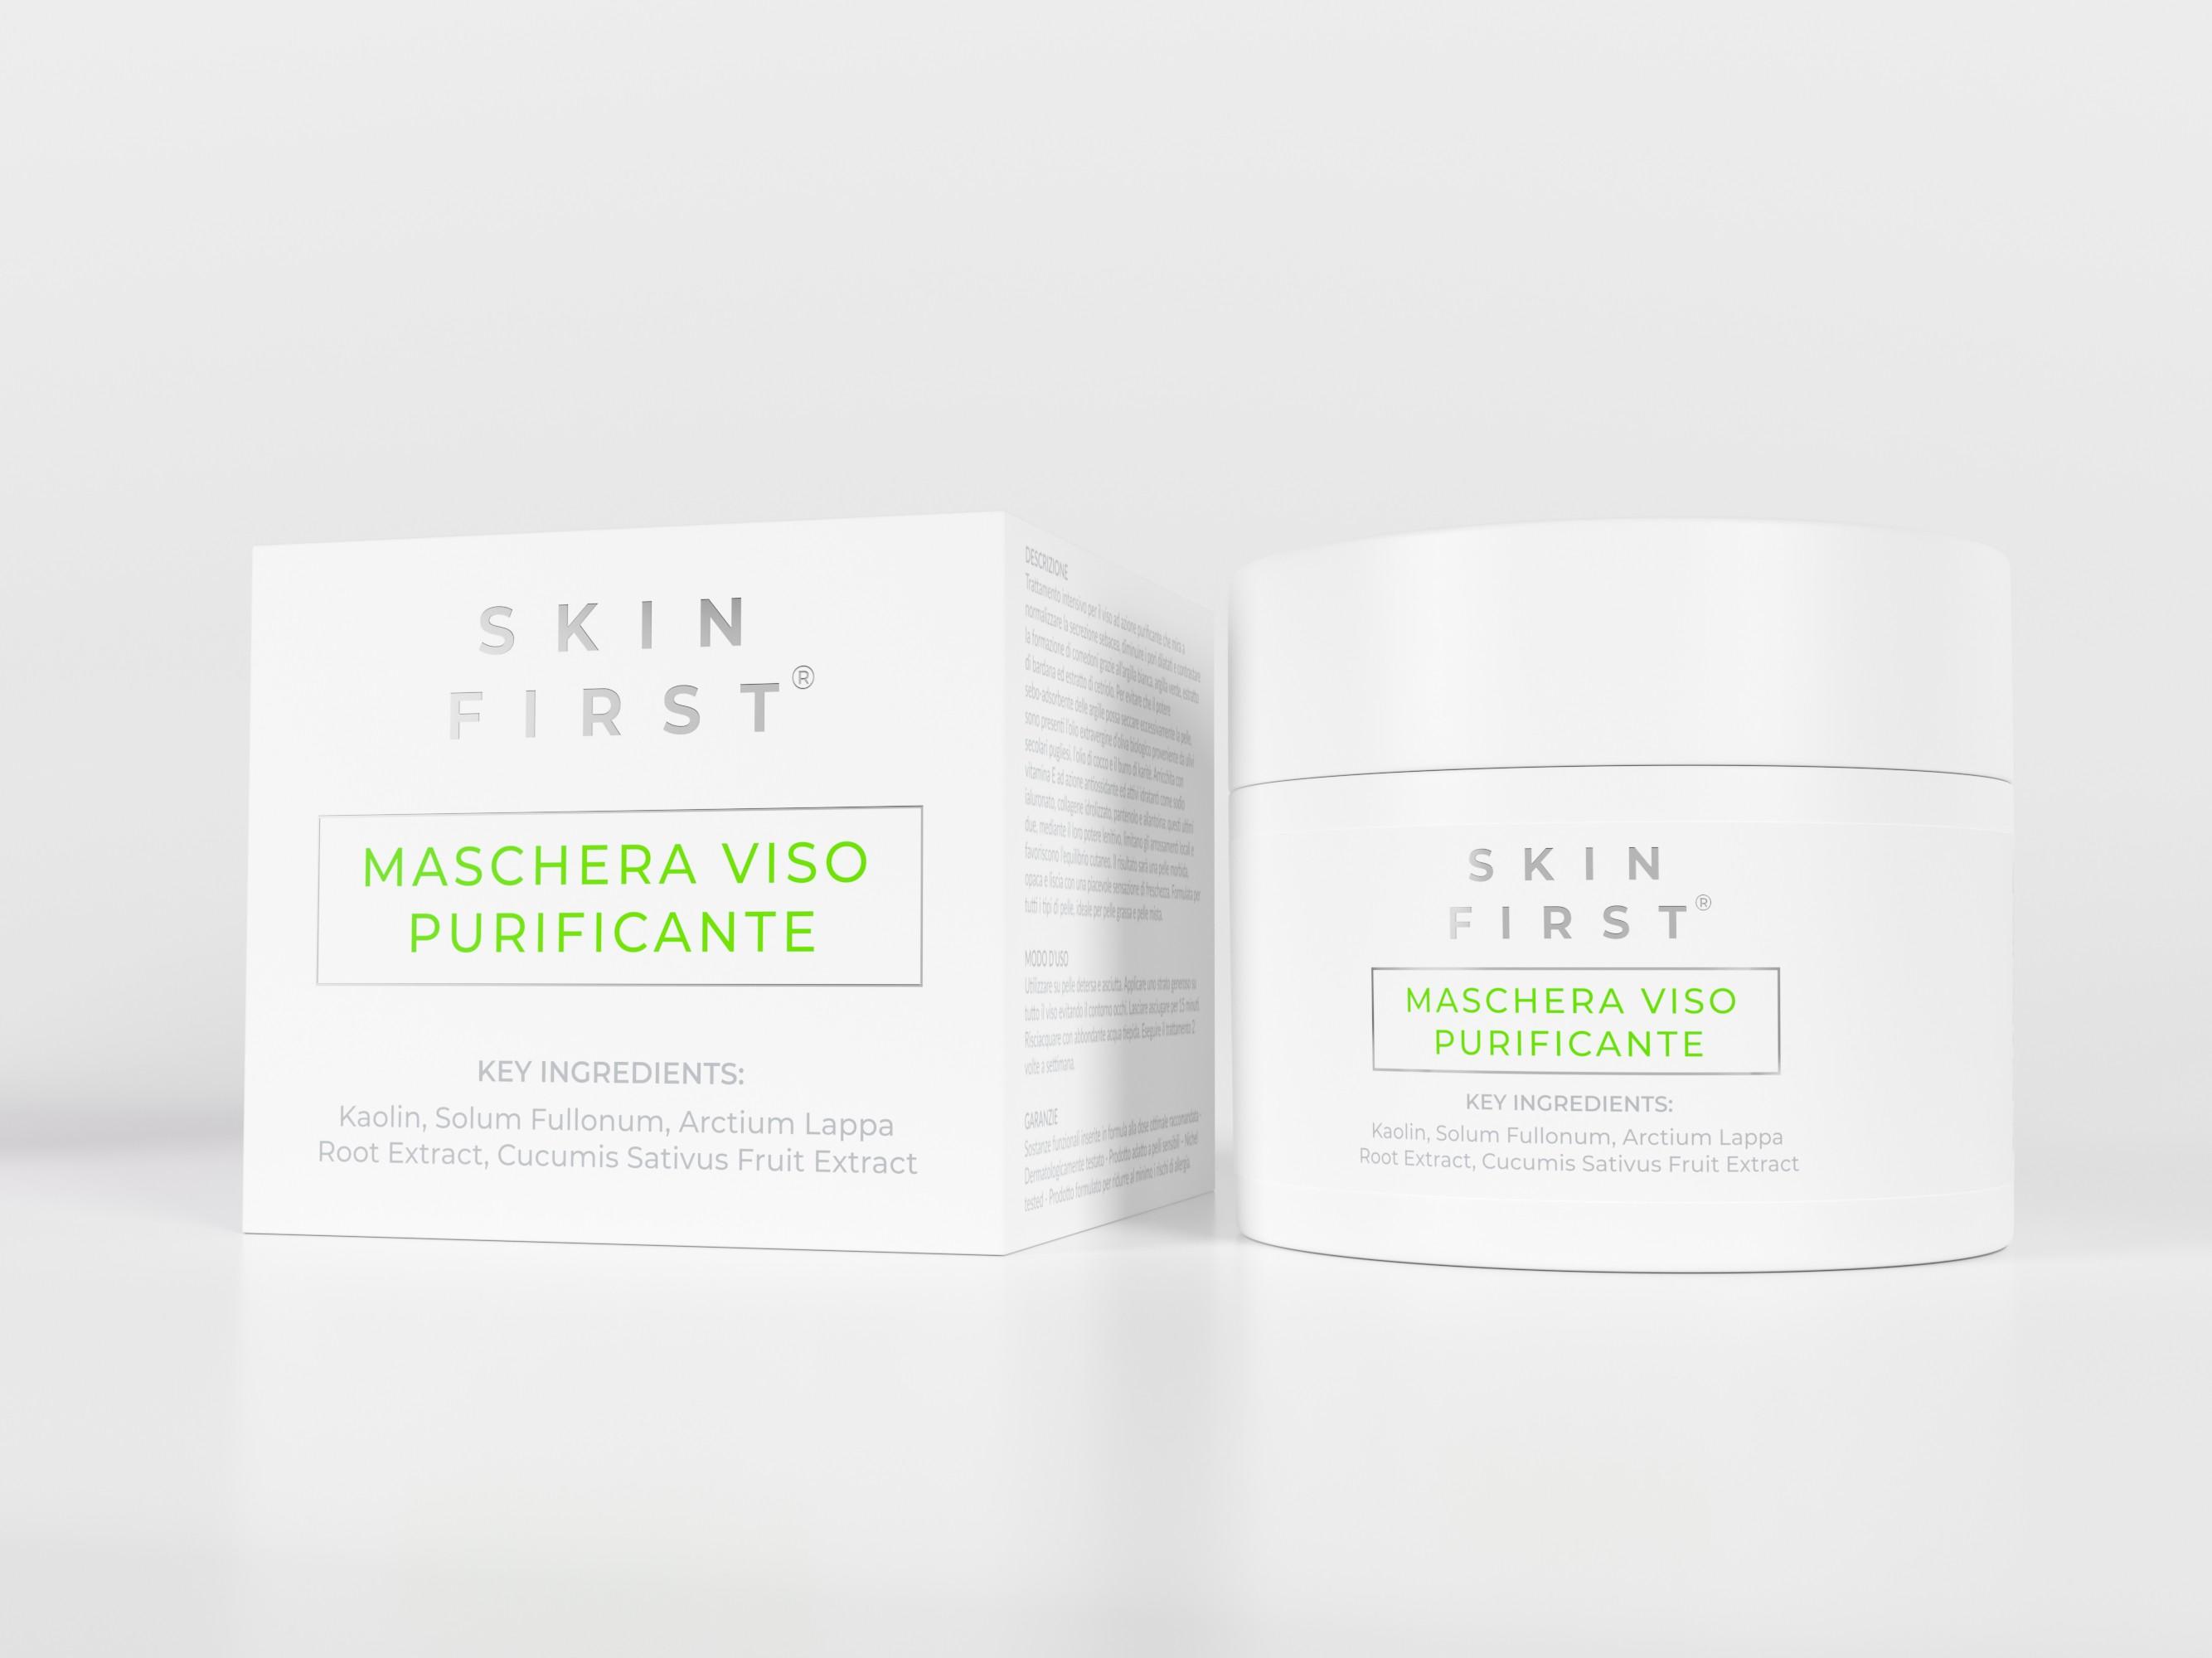 Skin First 3D Renders